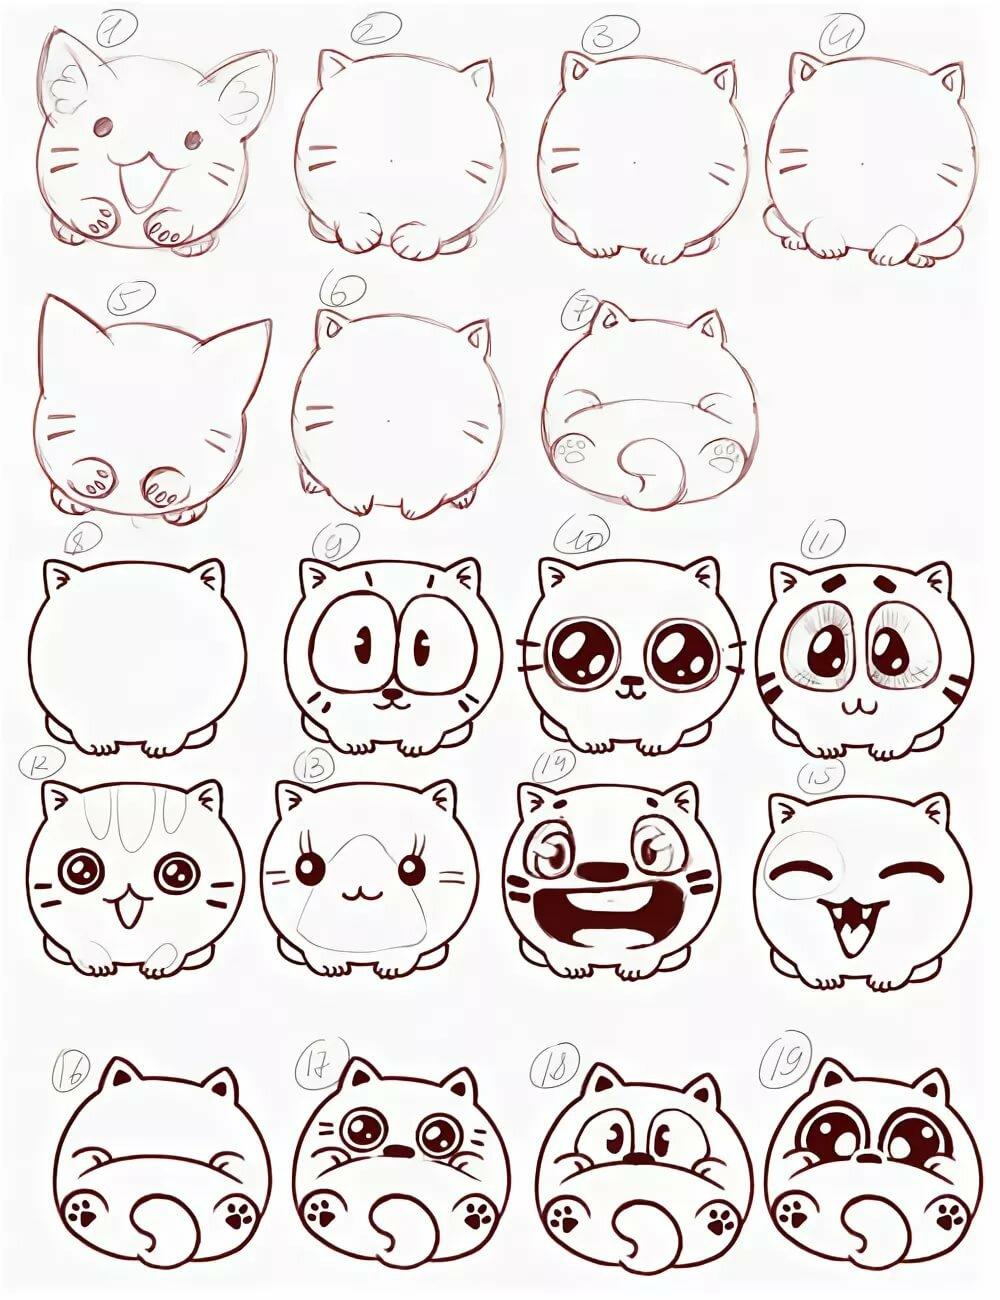 Программисту, рисунки для срисовки котята милые и смешные